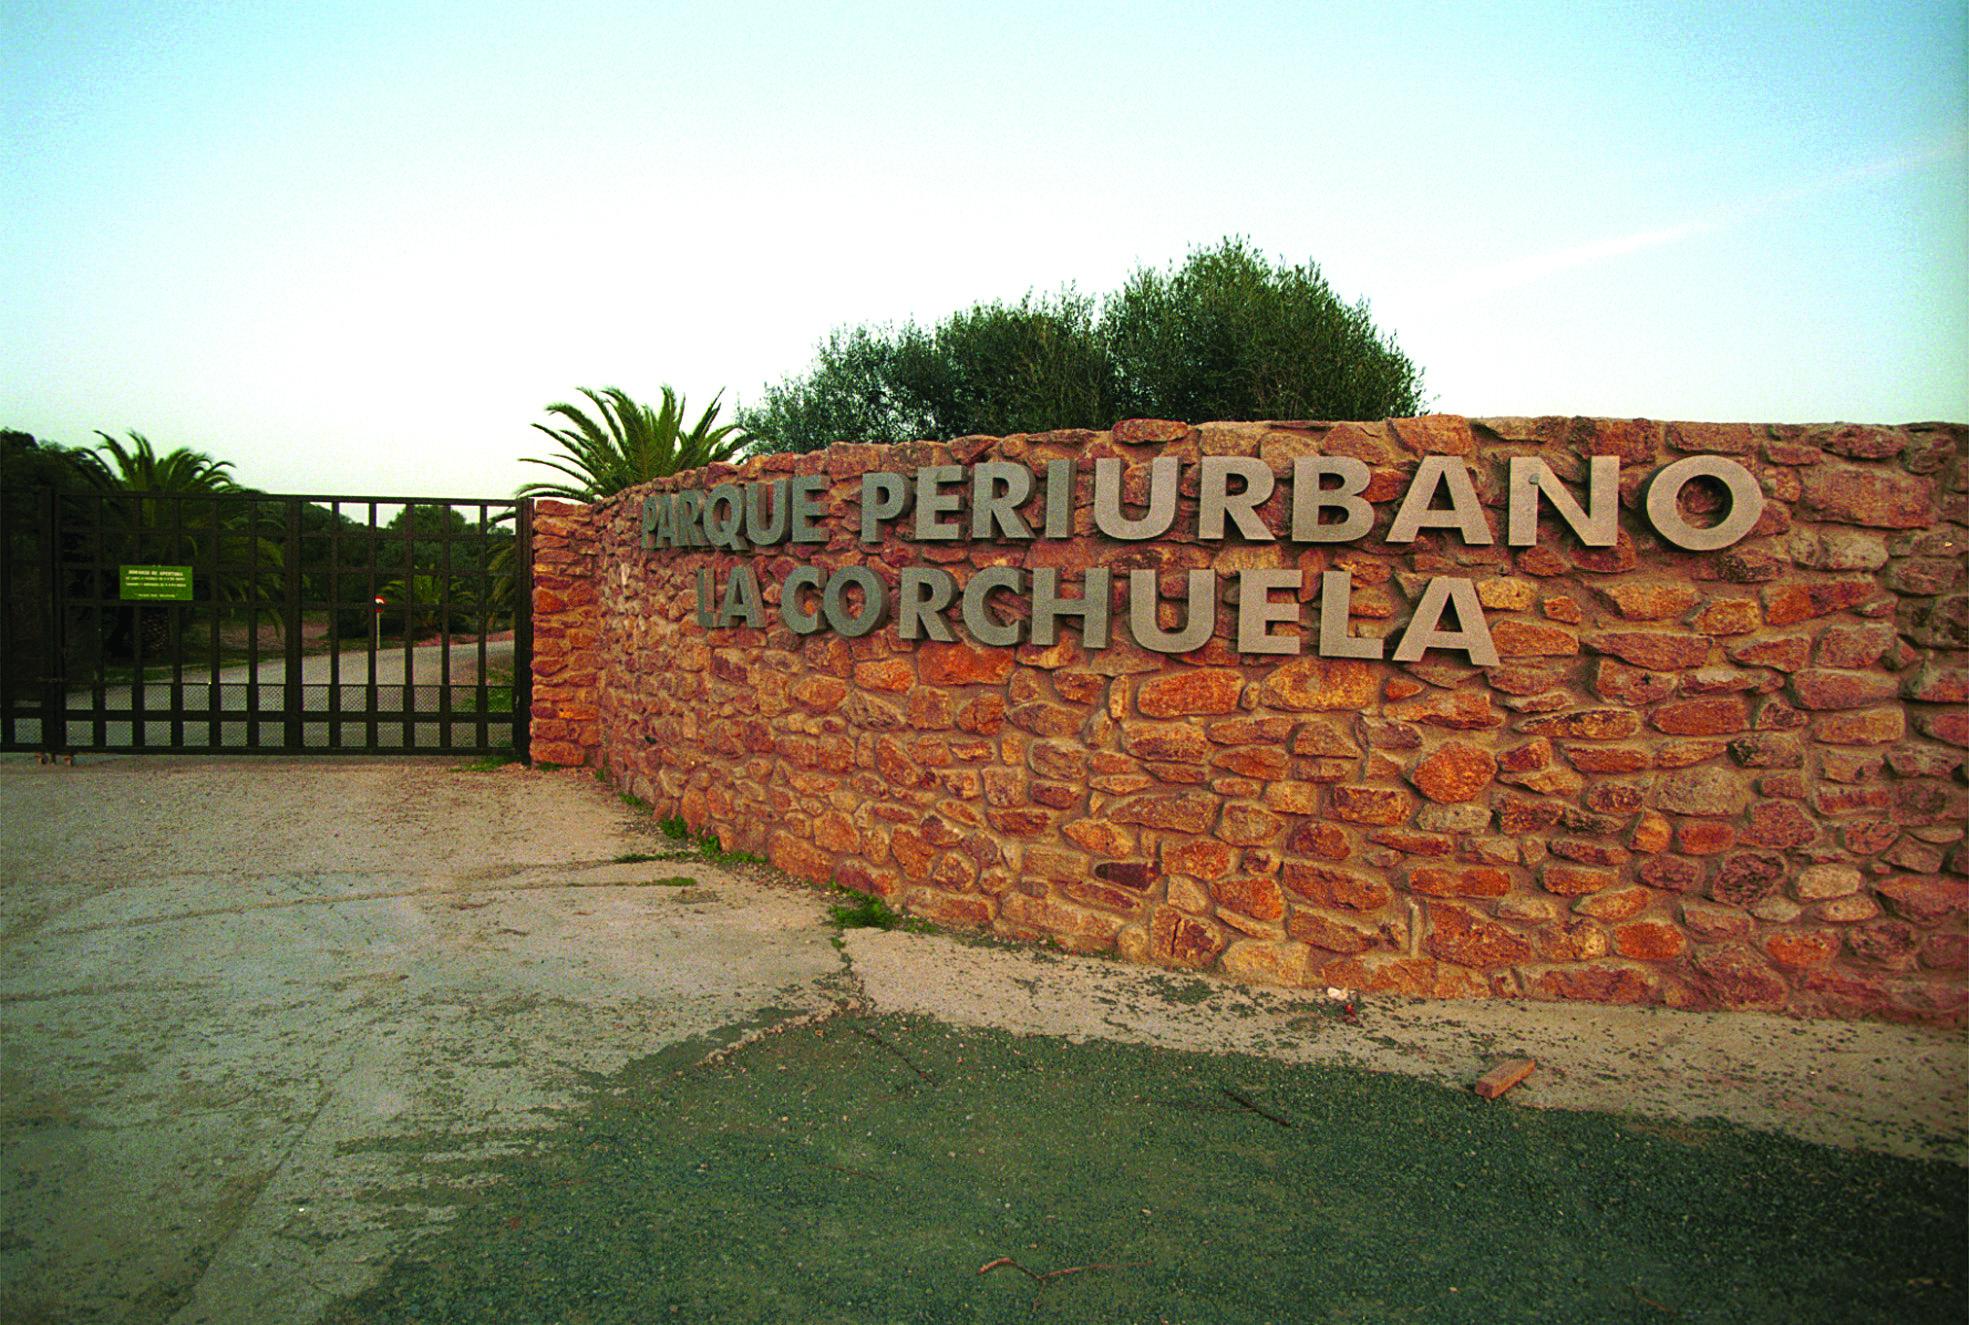 El parque periurbano de la Corchuela, ahora cerrado temporalmente, en una imagen de archivo. / Jesús Espínola